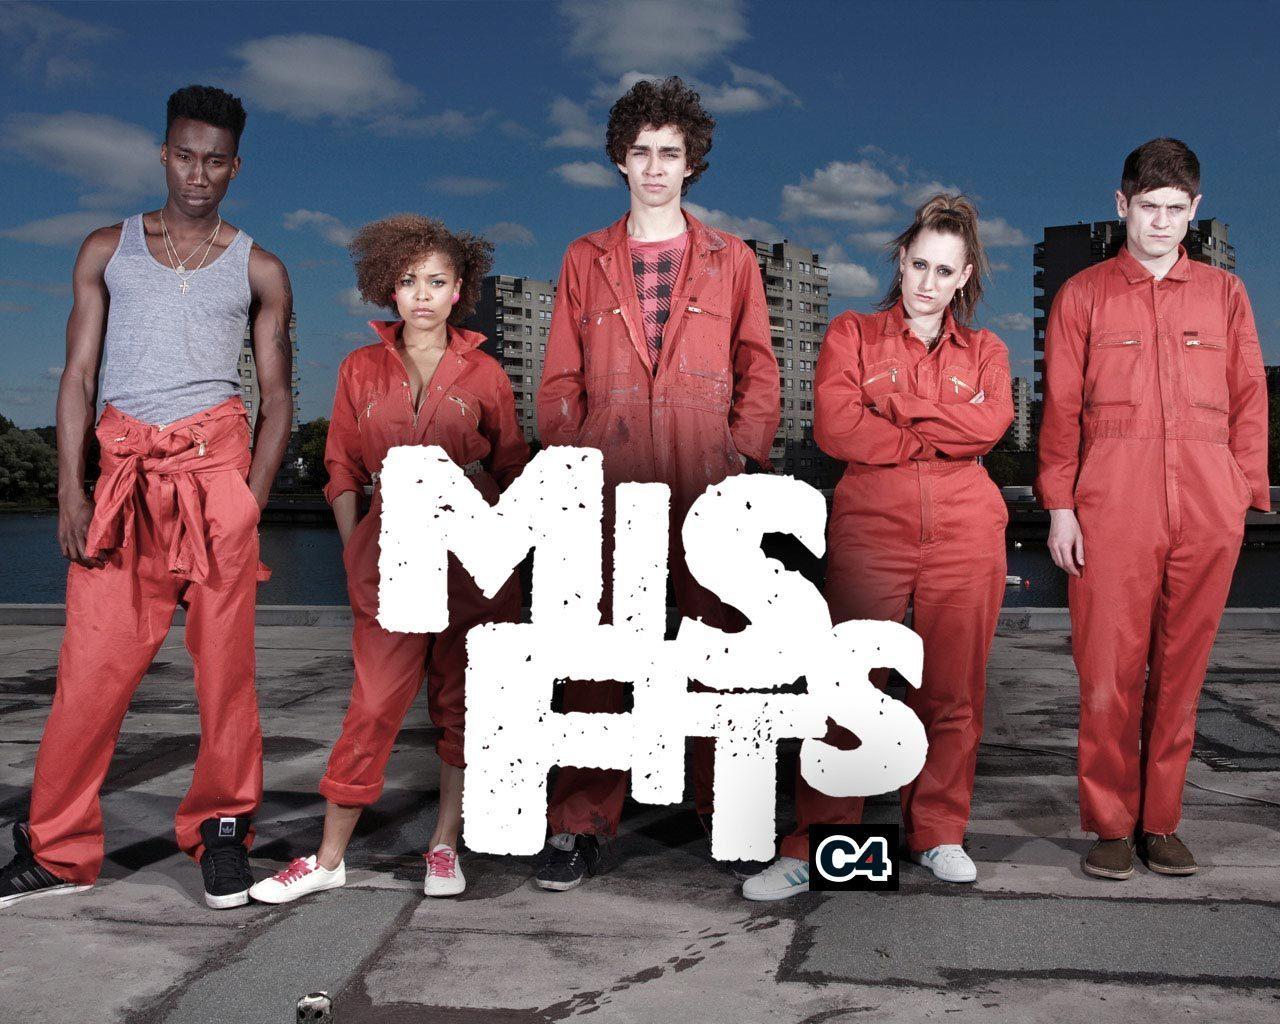 http://2.bp.blogspot.com/-iTBArt-uKwU/TzWDdGKupVI/AAAAAAAACws/d4l7ty6z6kw/s1600/The-Misfits.jpg